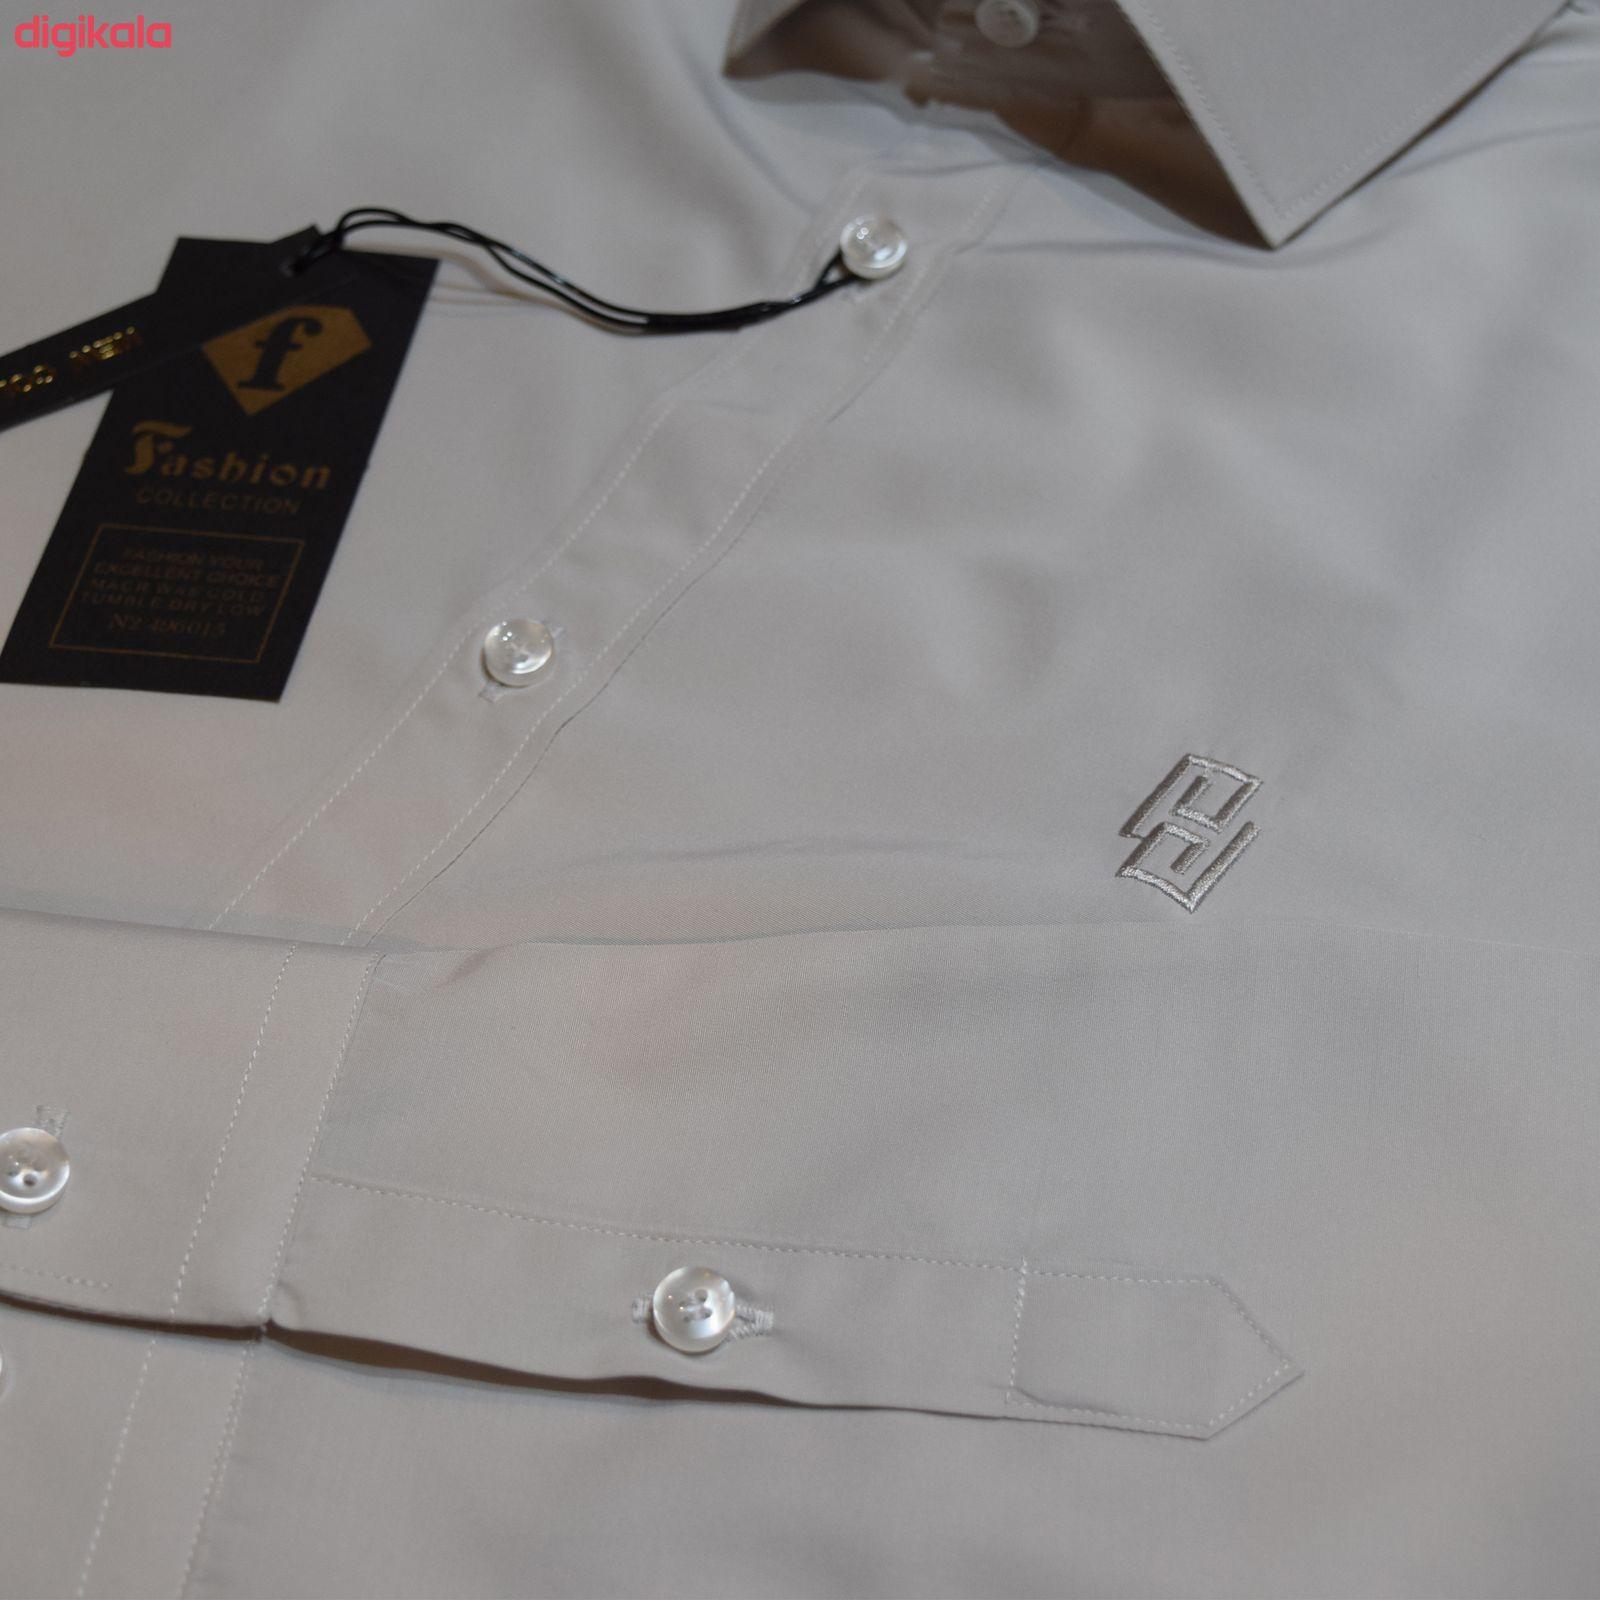 پیراهن مردانه پایتی جامه کد 2368212